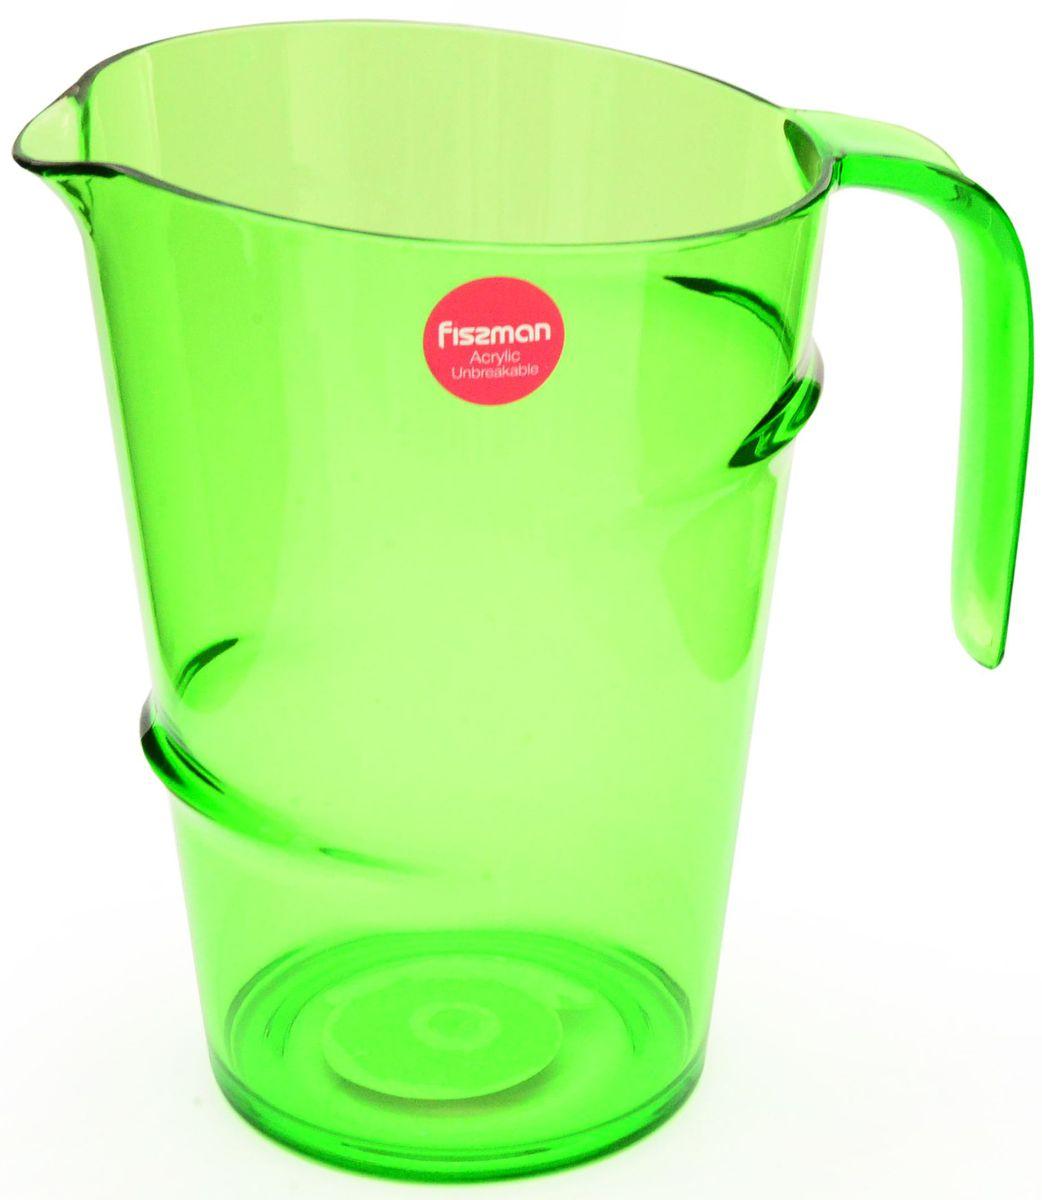 Кувшин Fissman, 2,2 л. 9426VT-1520(SR)Кувшин Fissman, выполненный из высококачественного прочного акрила, элегантно украсит ваш стол. Кувшин оснащен удобной ручкой для переноски. Форма носика обеспечивает наливание жидкости без расплескивания.Изделие прекрасно подойдет для подачи воды, сока, компота и других напитков. Объем: 2,2 л.